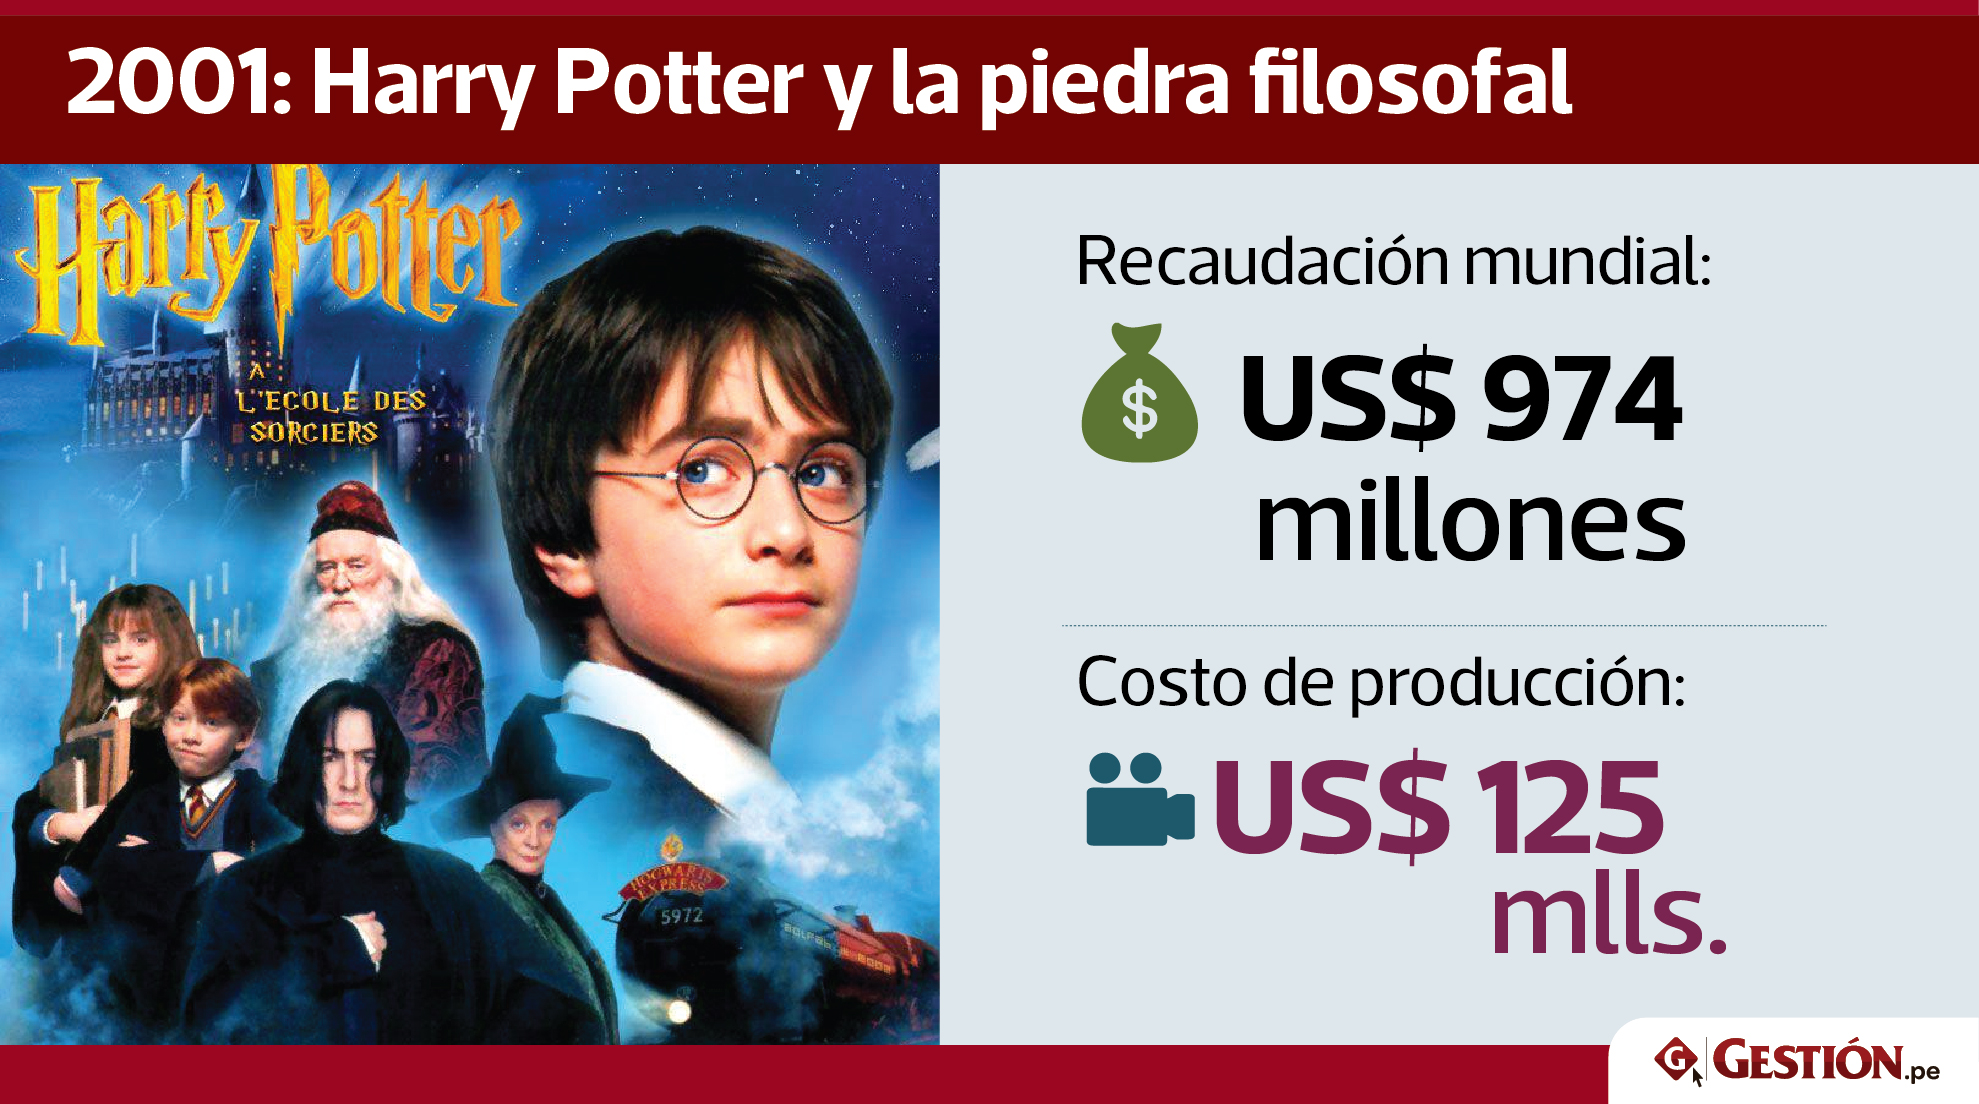 producción, cine, Harry Potter, películas, dinero, recaudación